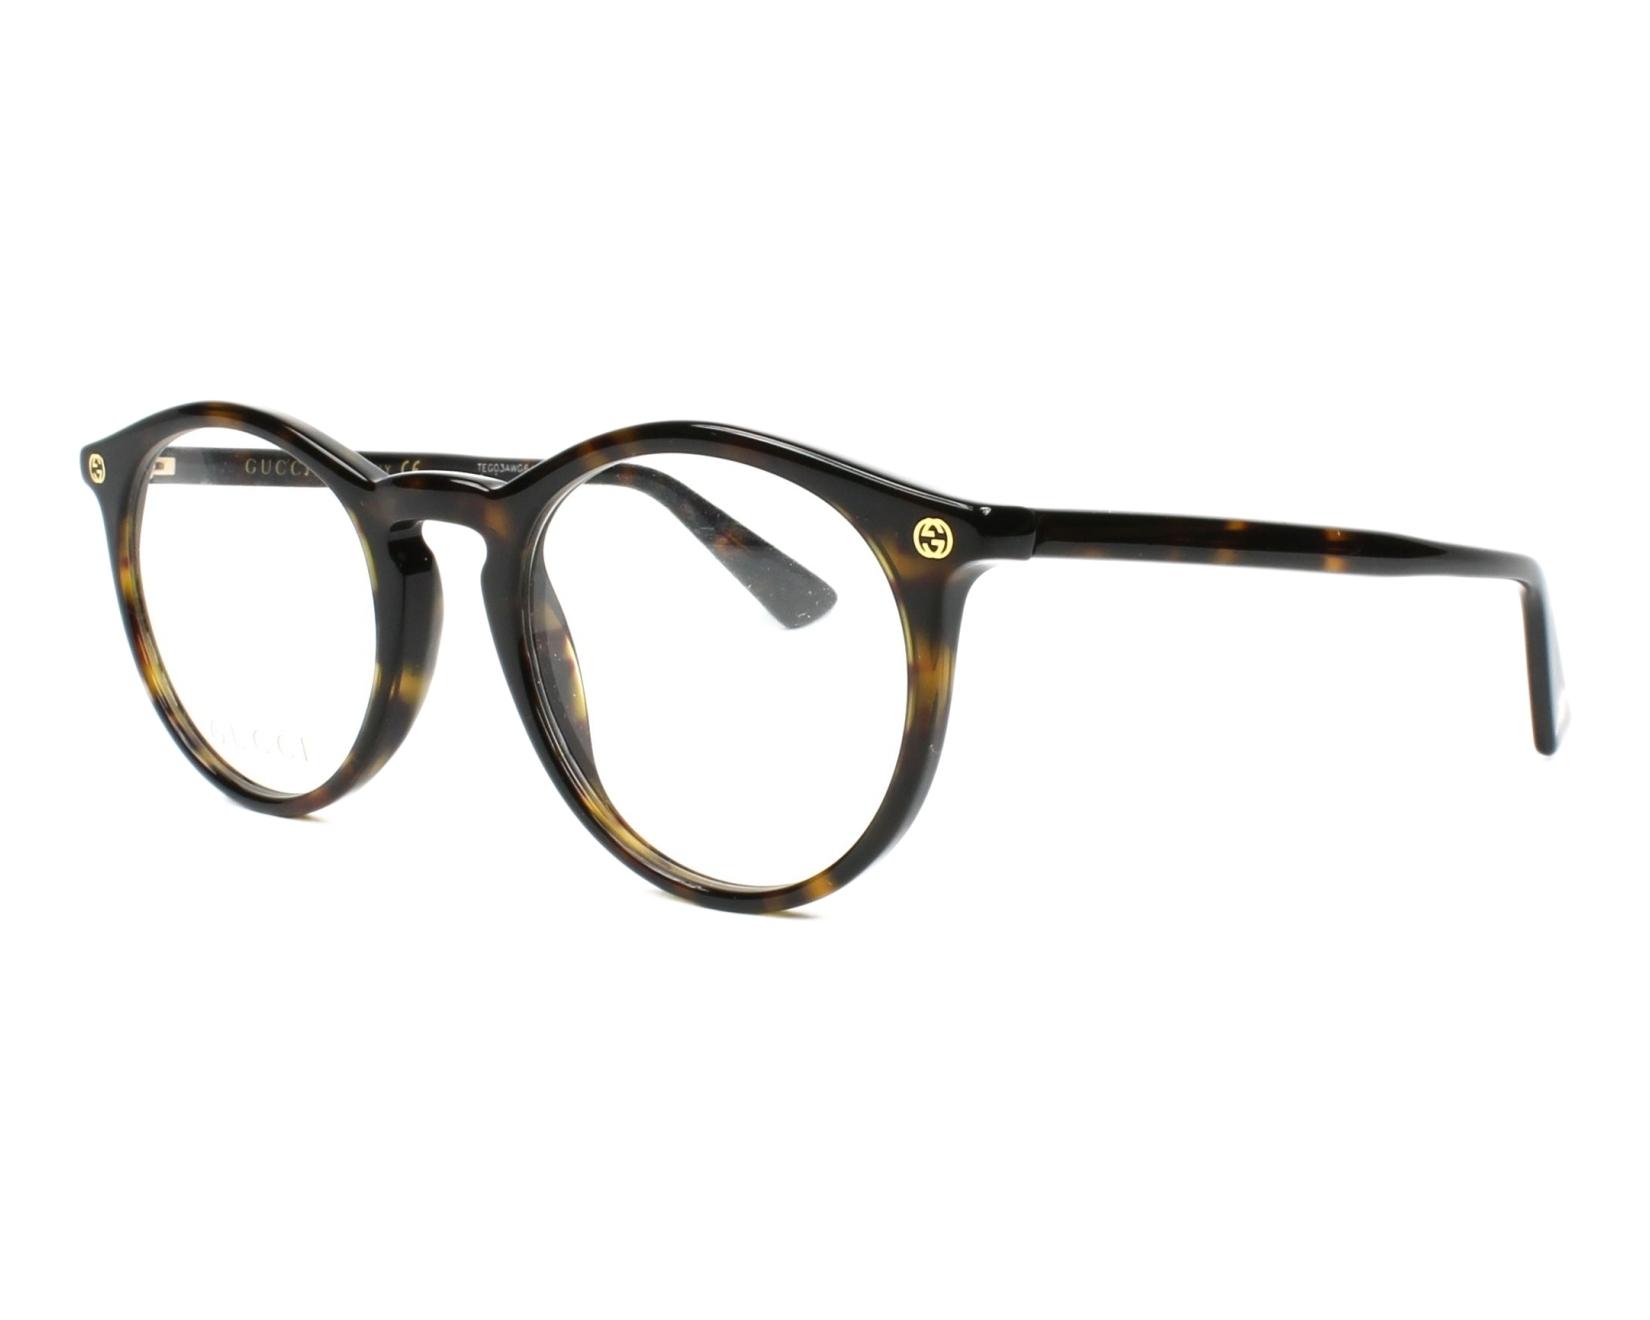 c9663d0eed0ce7 Gucci Brillen - Günstige Preise das ganze Jahr (344 Modelle)